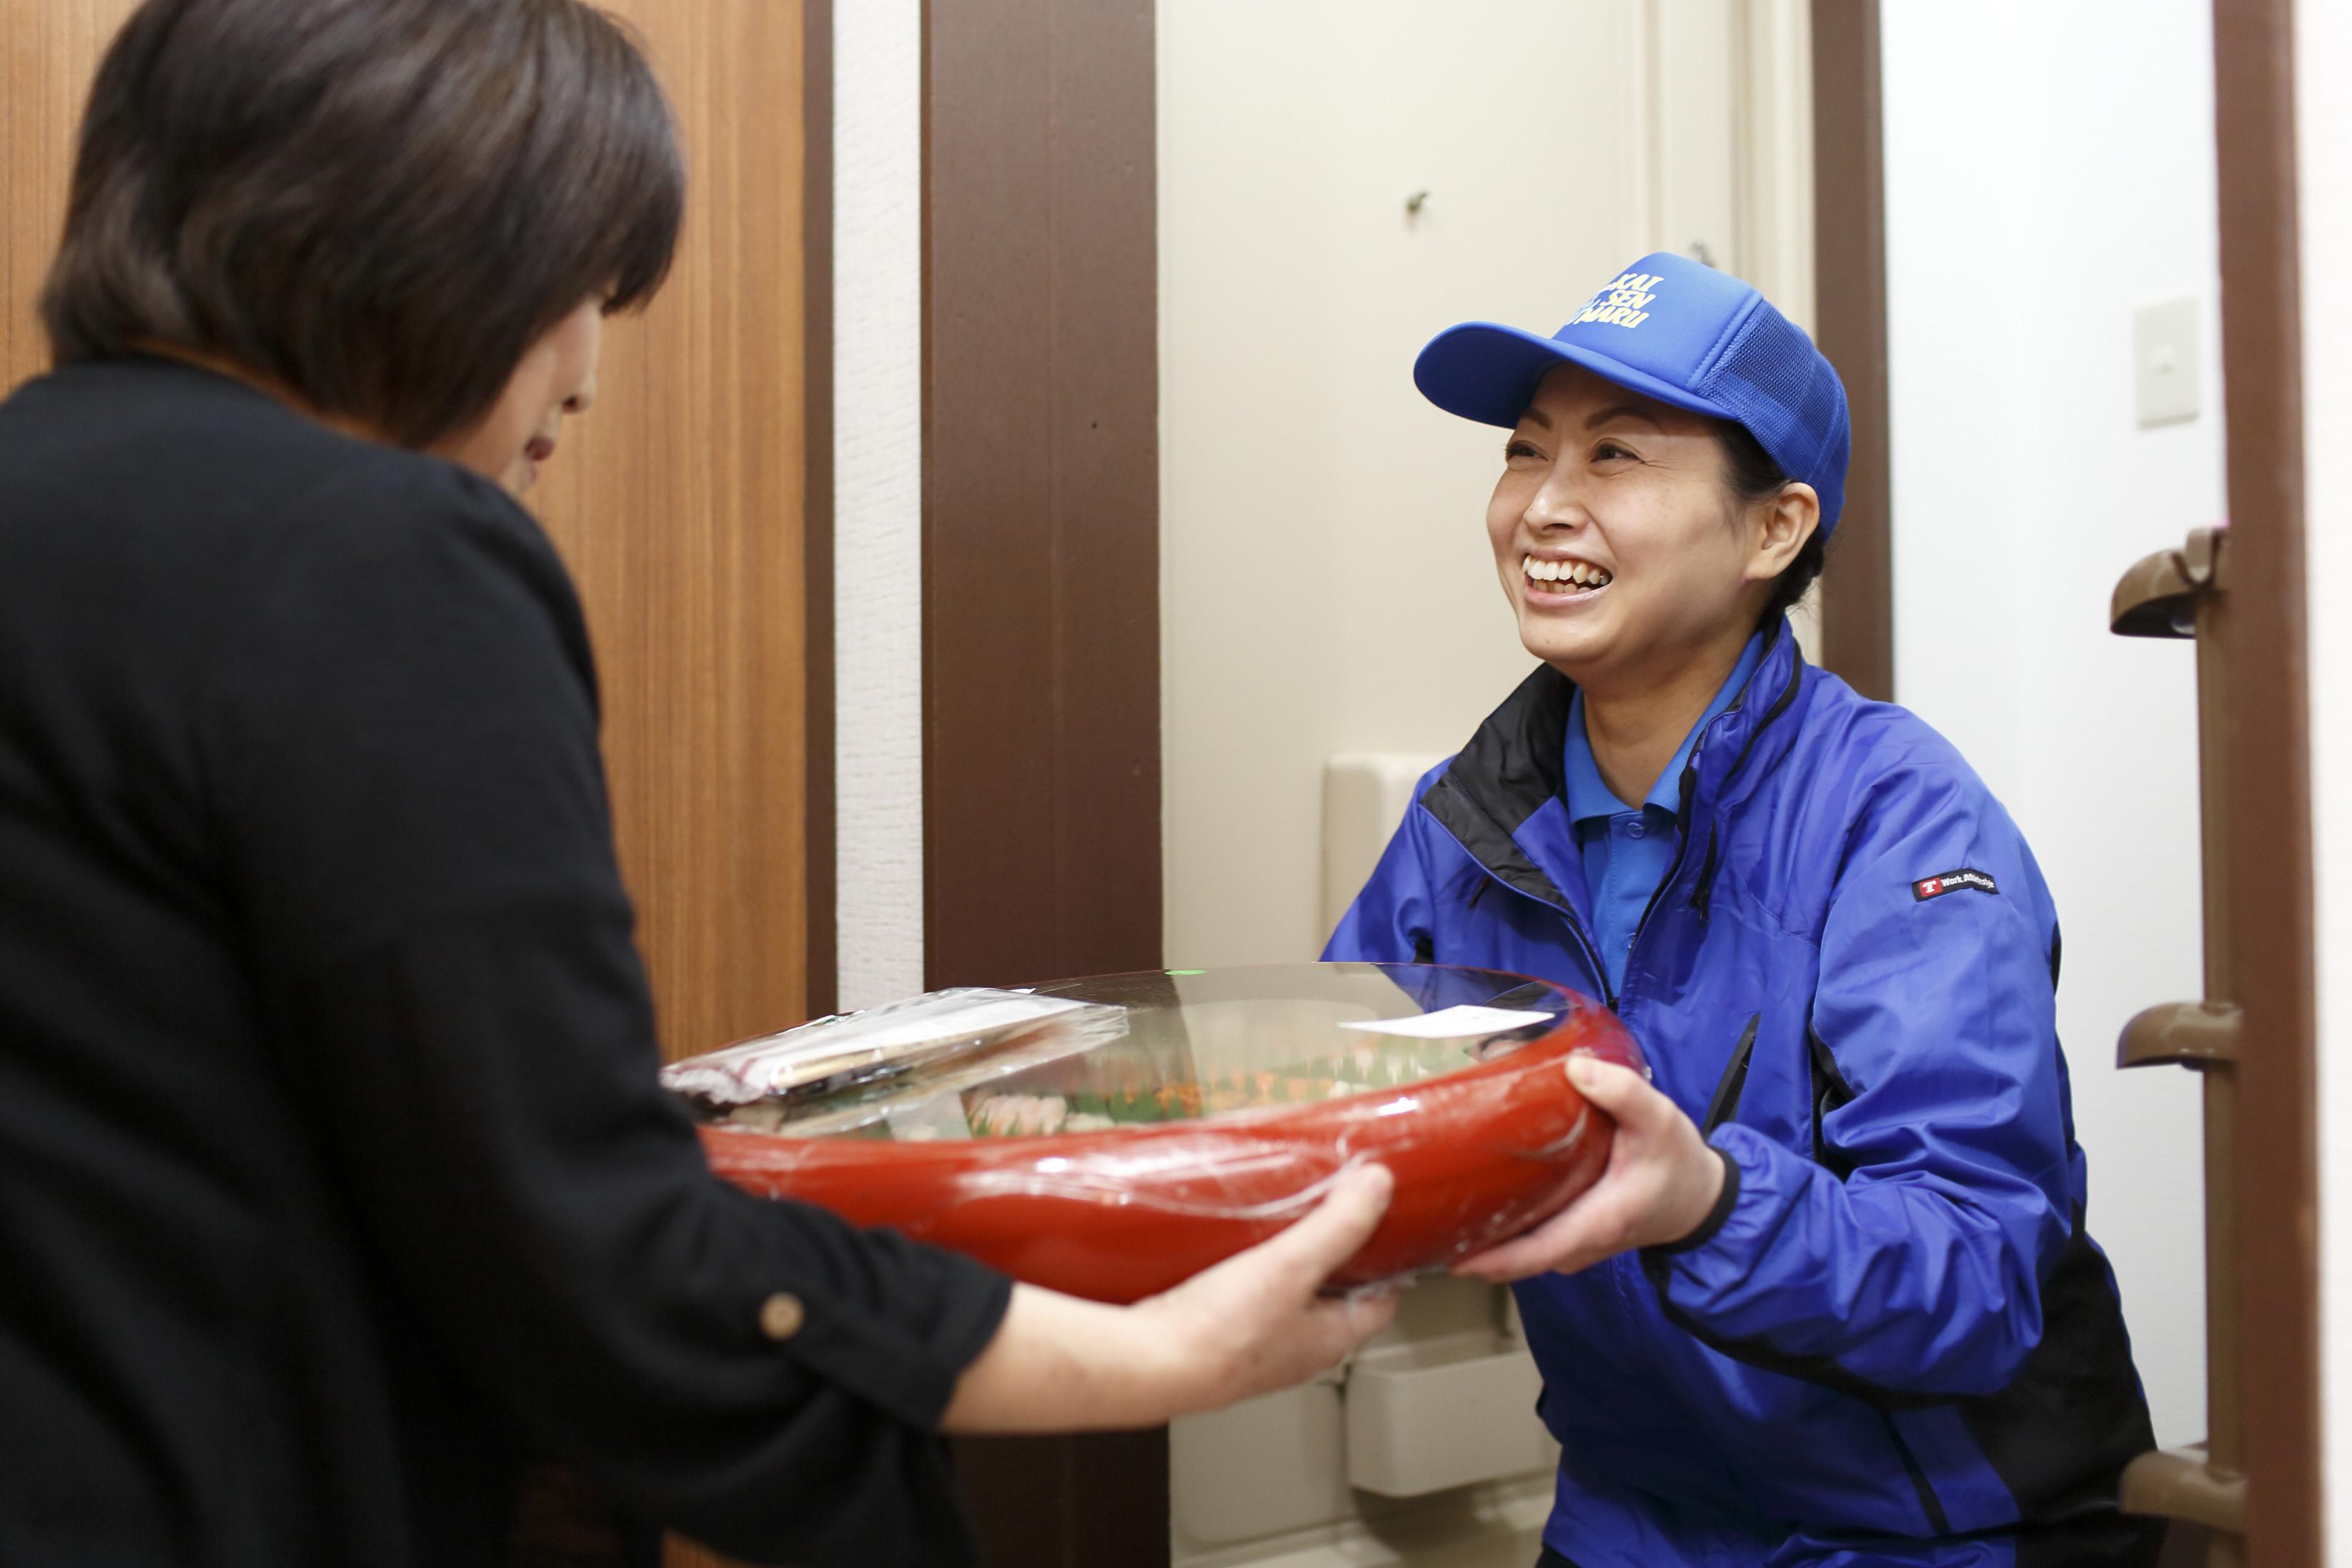 札幌海鮮丸 千歳店 デリバリー(配達)スタッフのアルバイト情報